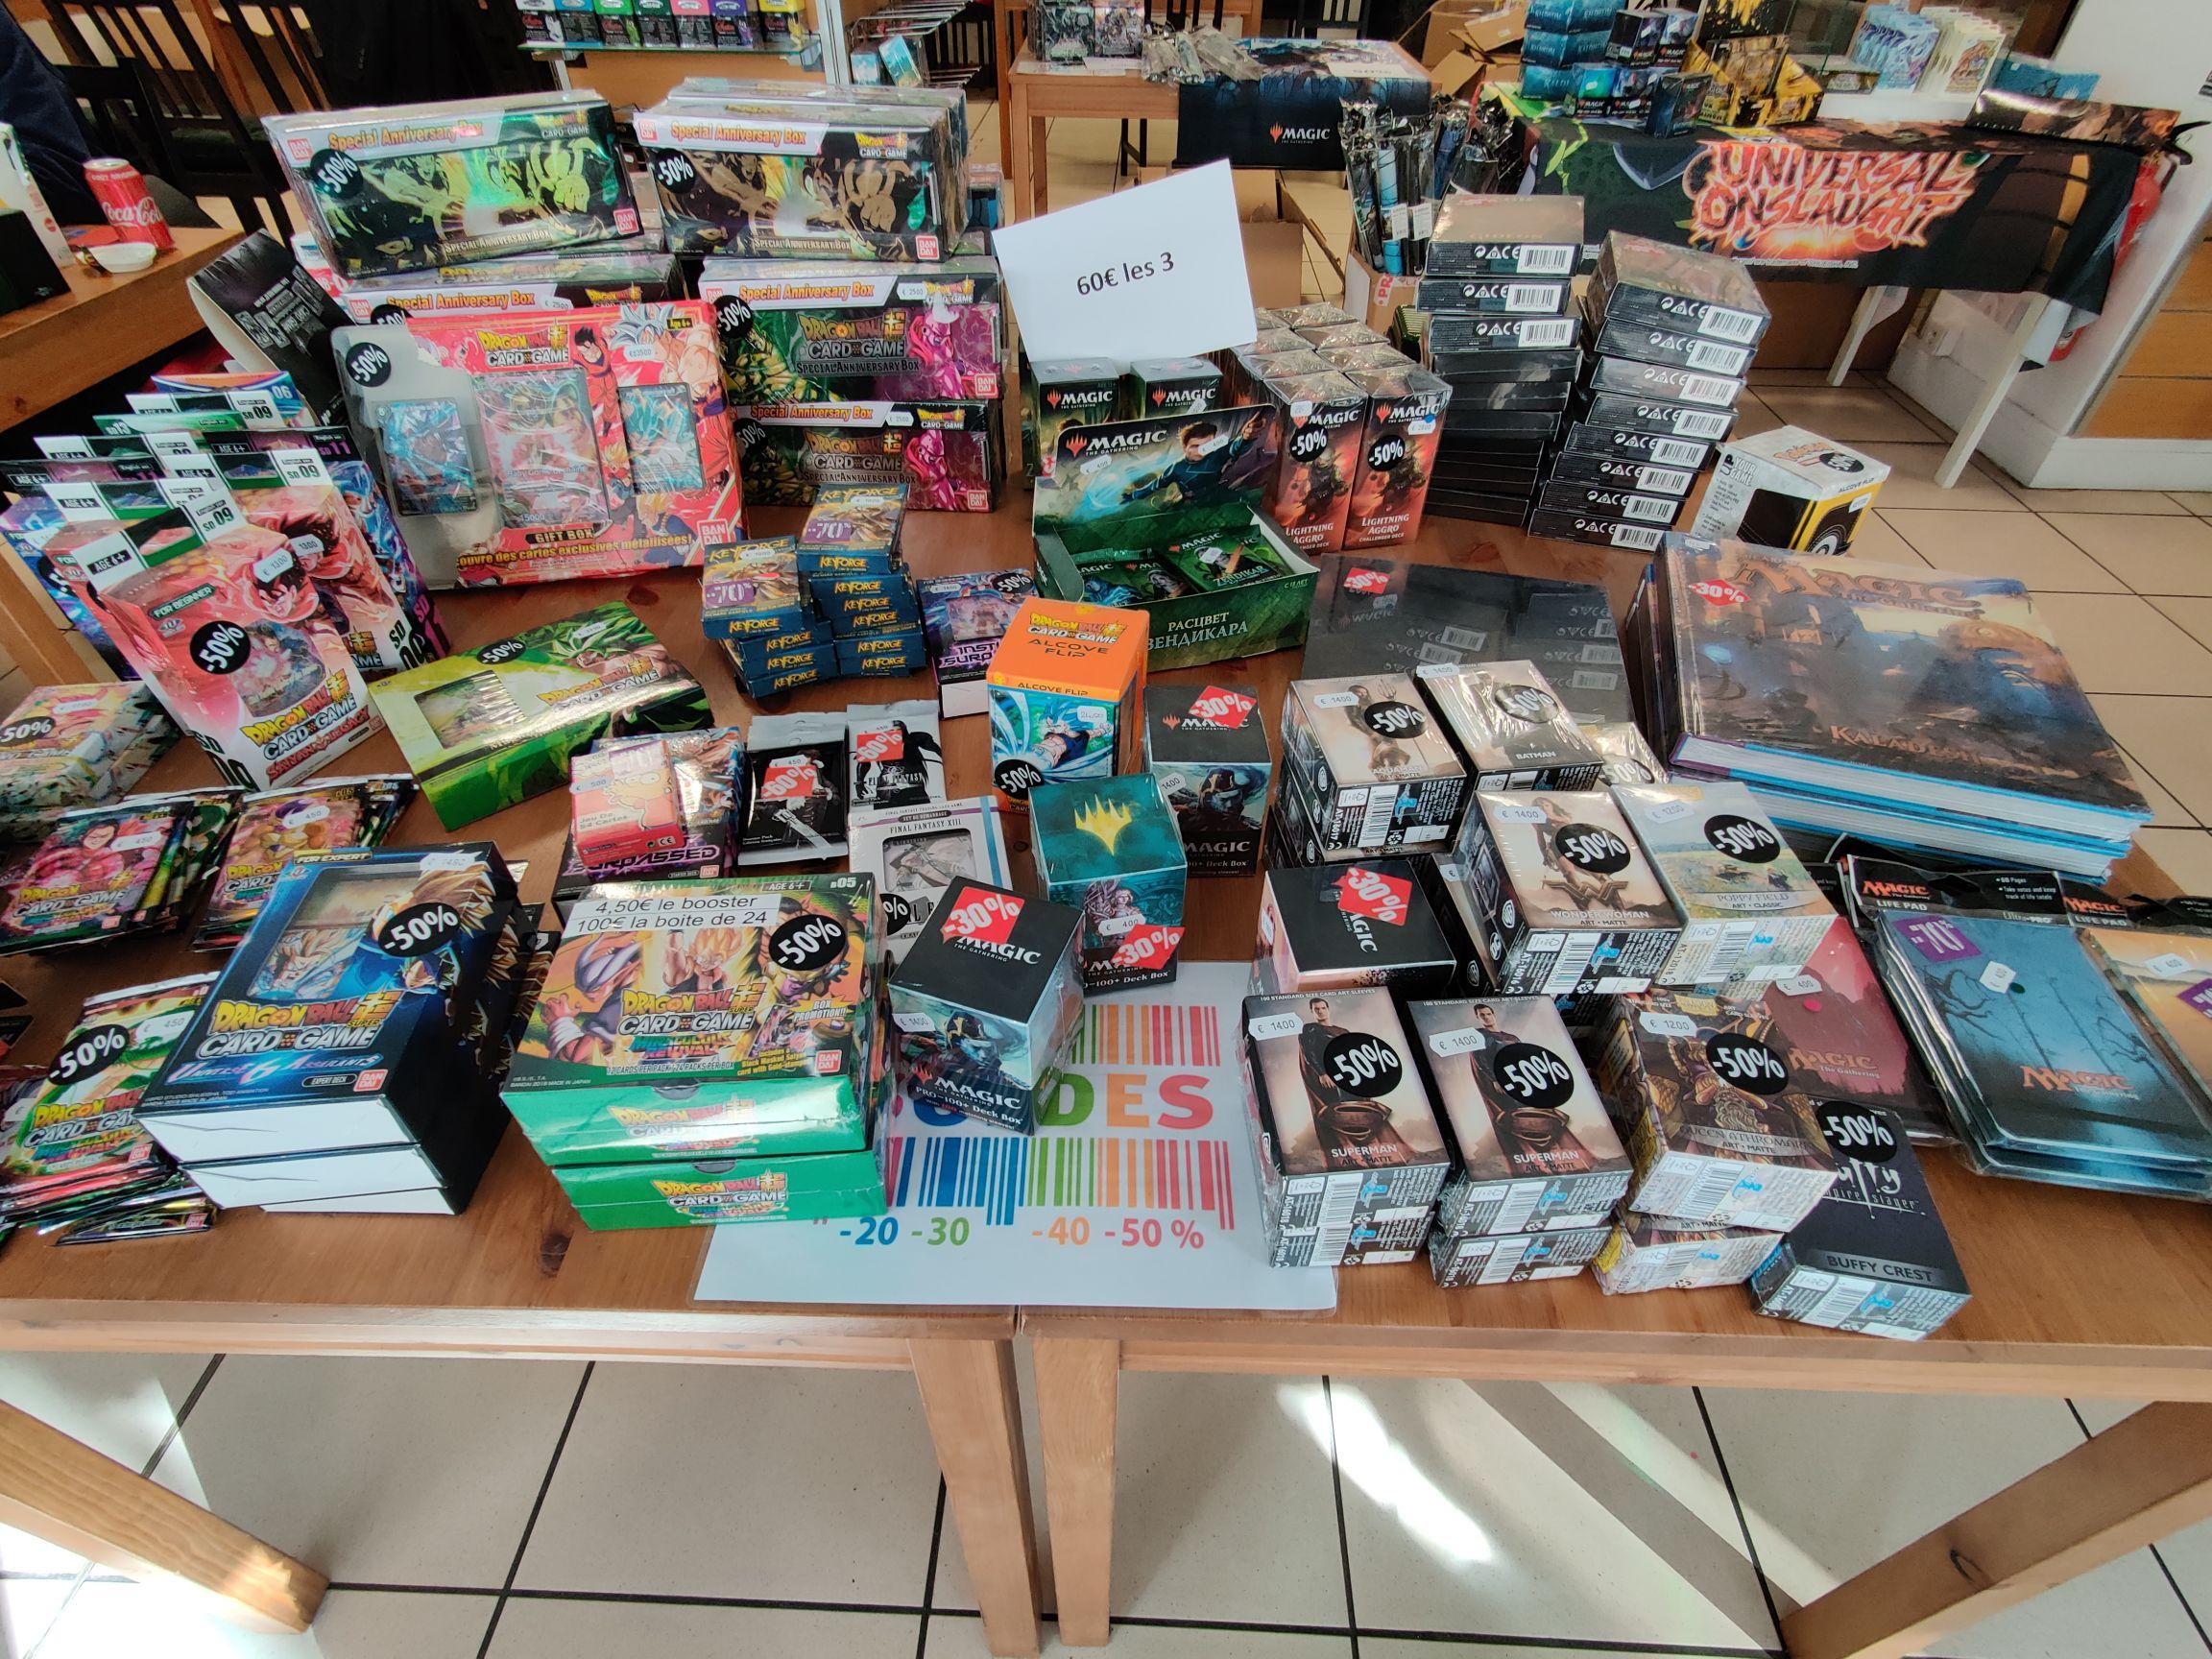 50% de réduction sur une sélection d'articles (cartes Magic, Dragon Ball Z, livres & deck boxes) - Carta'jeu Lyon (69)